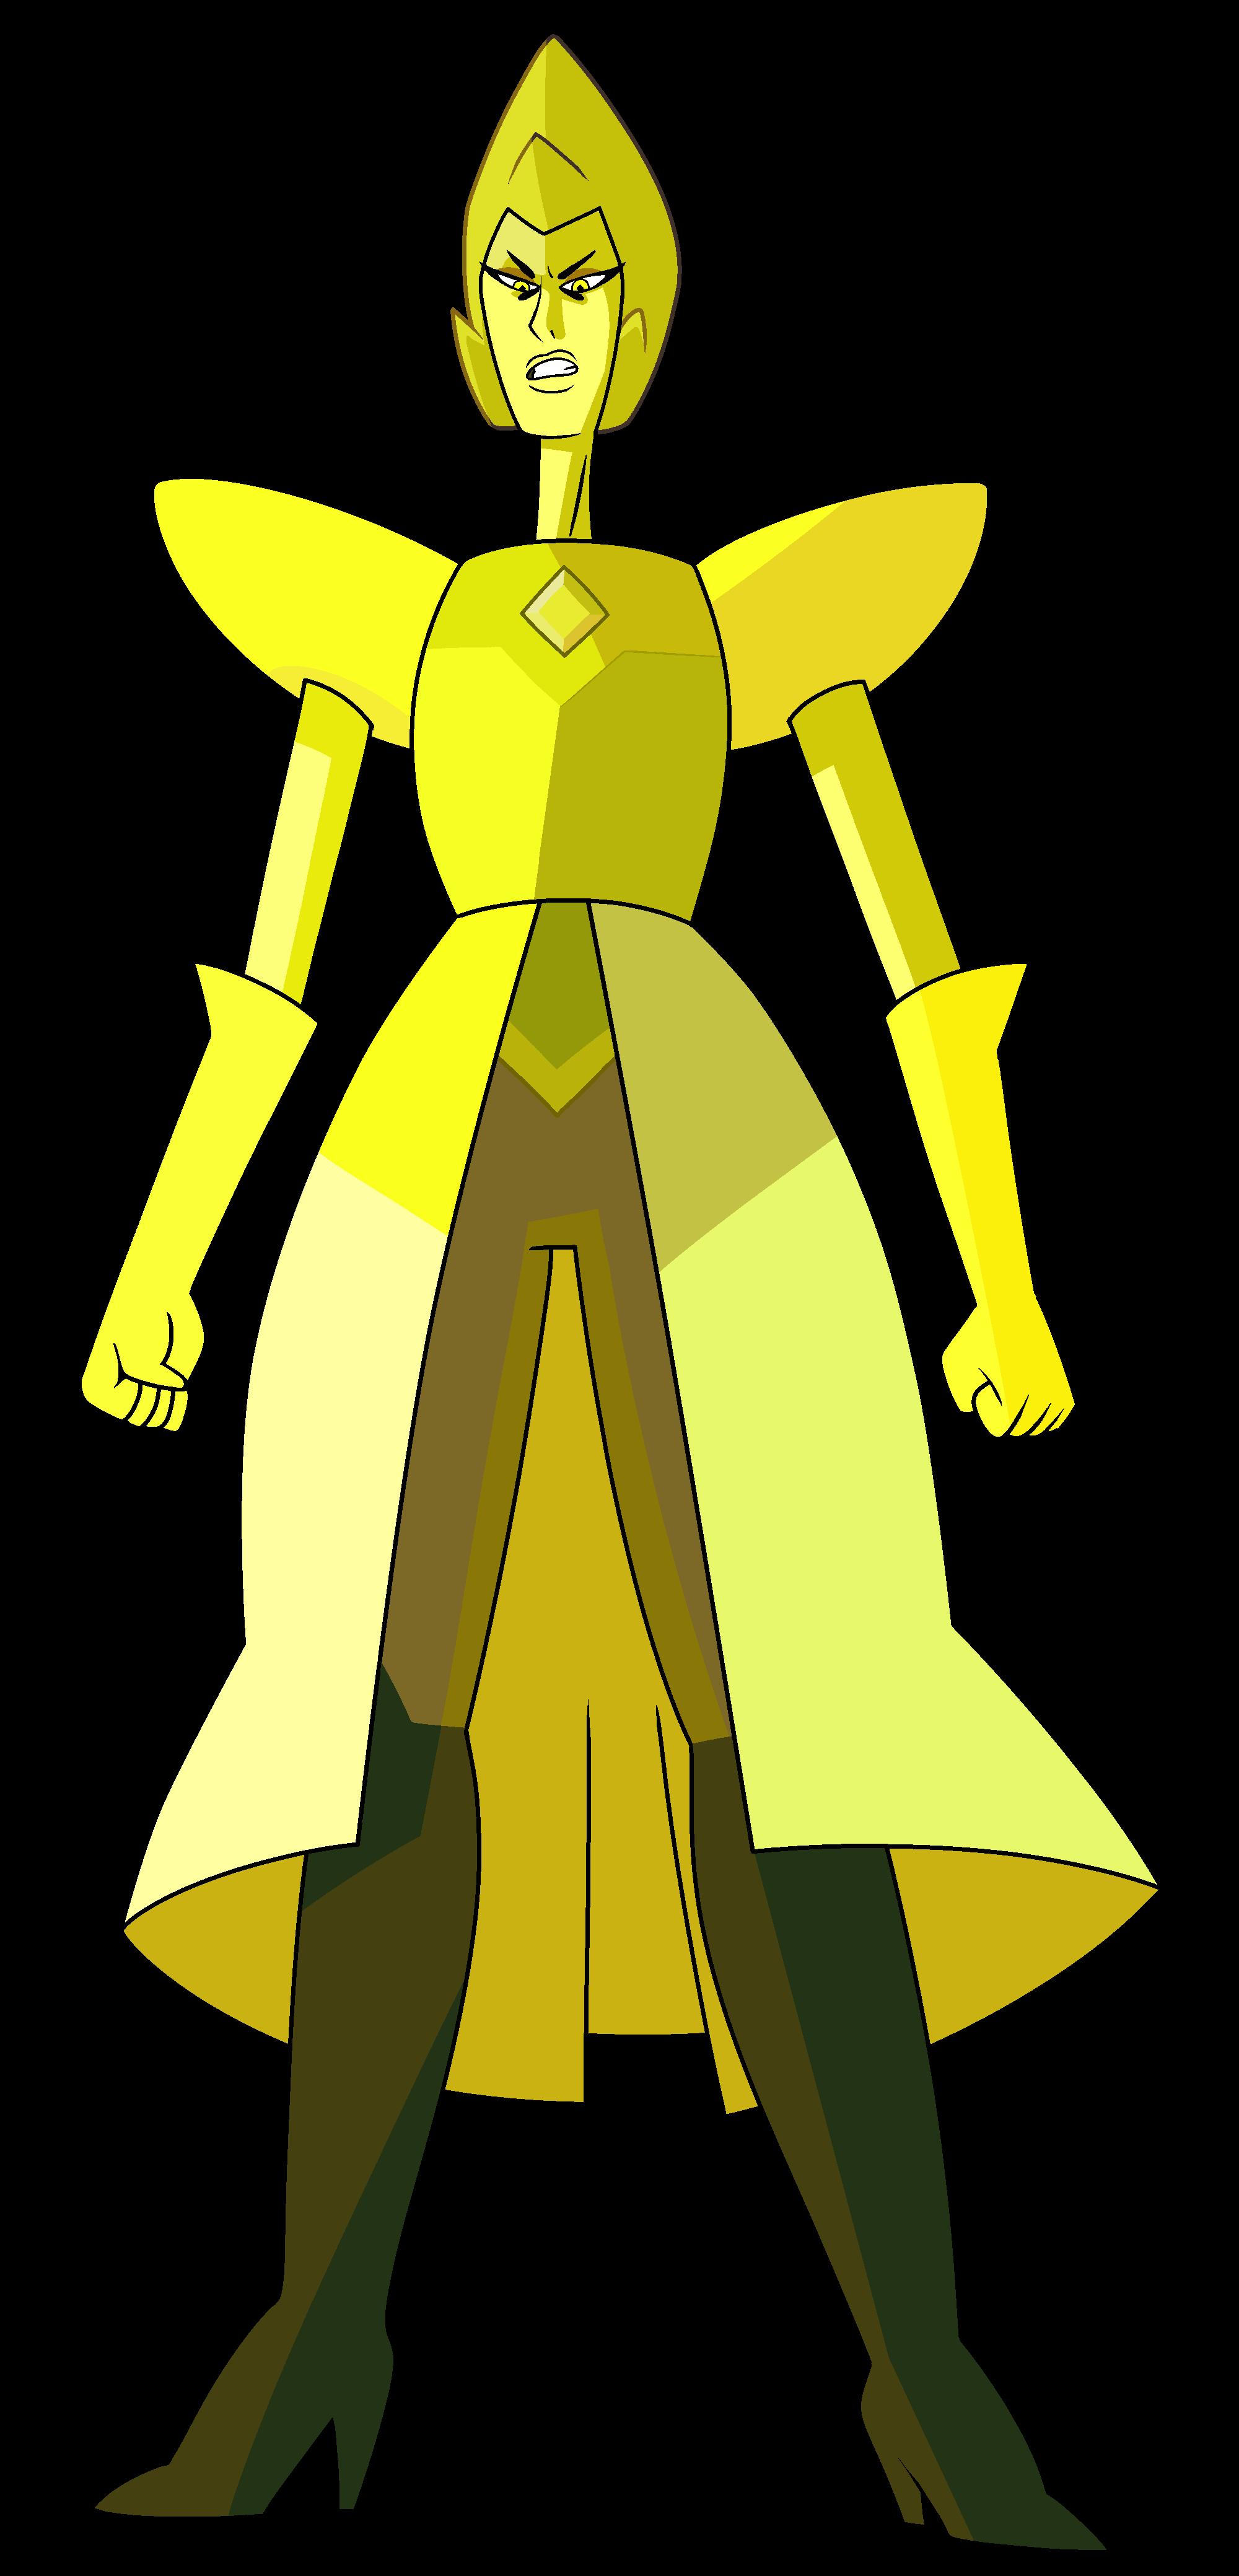 Diamond knd the gamewizard. Door clipart yellow door